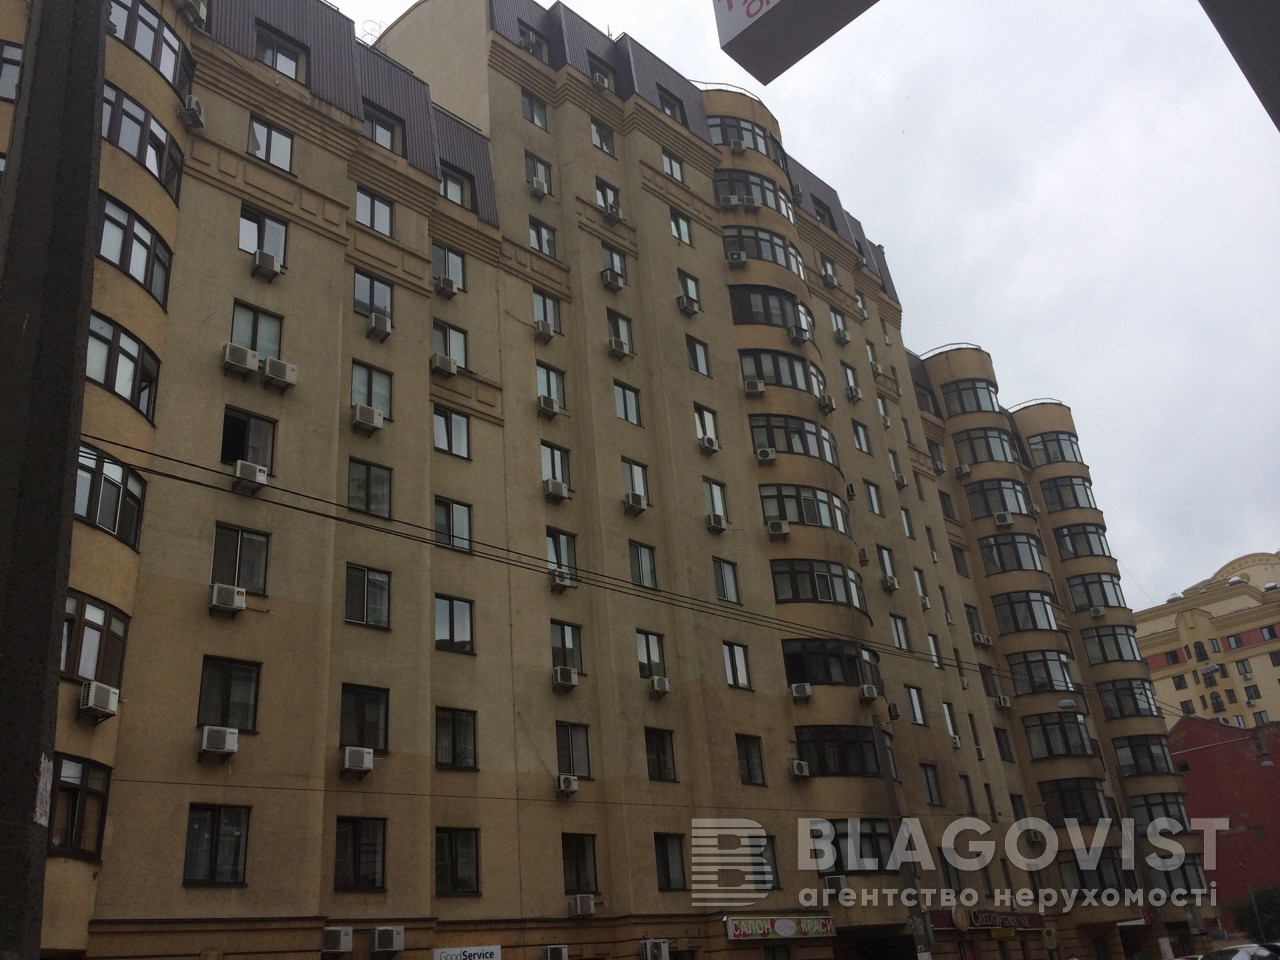 Квартира F-16789, Дмитриевская, 69, Киев - Фото 3